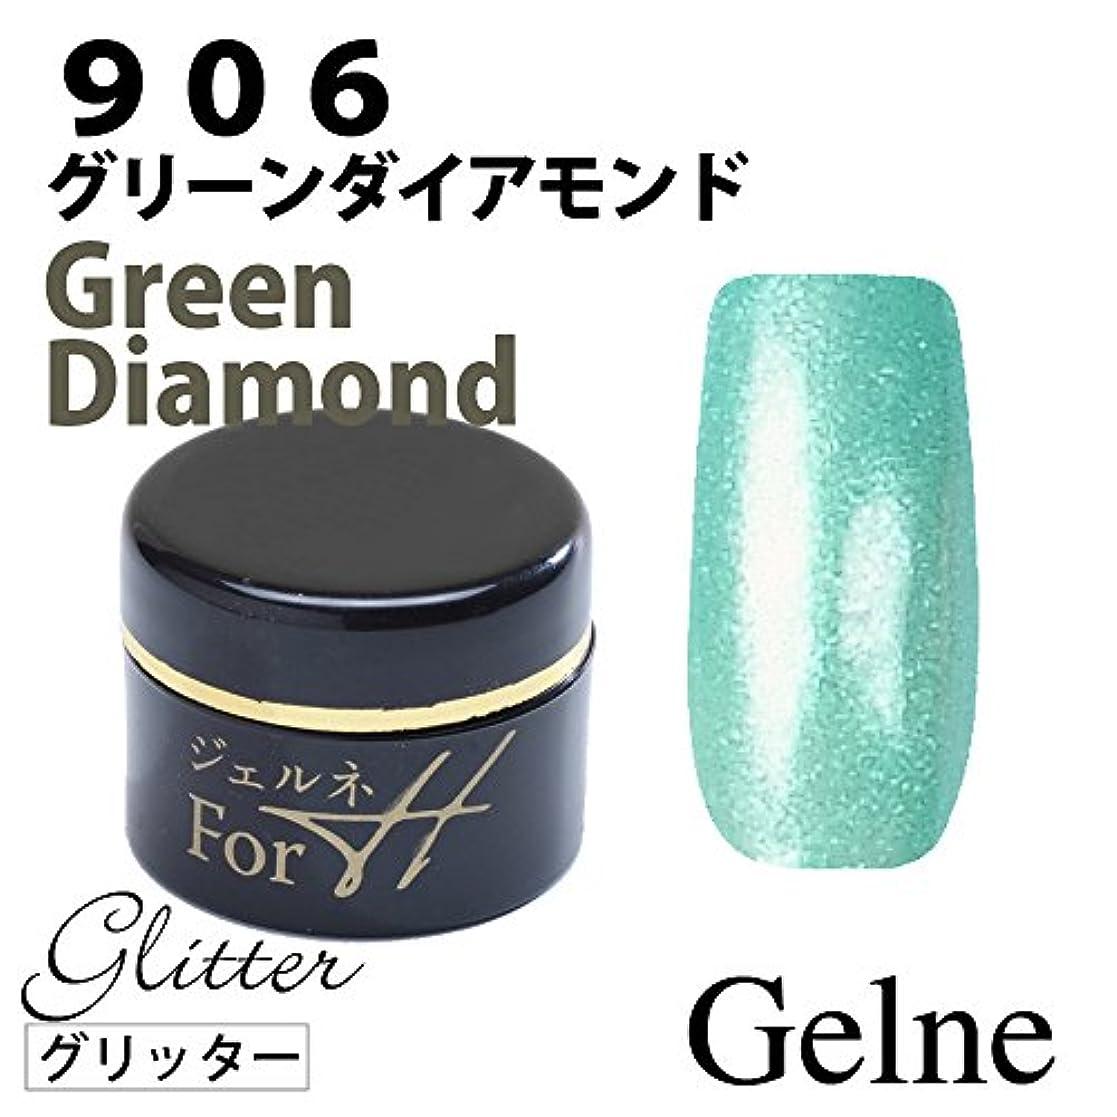 発見するラフ睡眠本部Gelneオリジナル グリーンダイヤモンド カラージェル 5g LED/UV対応